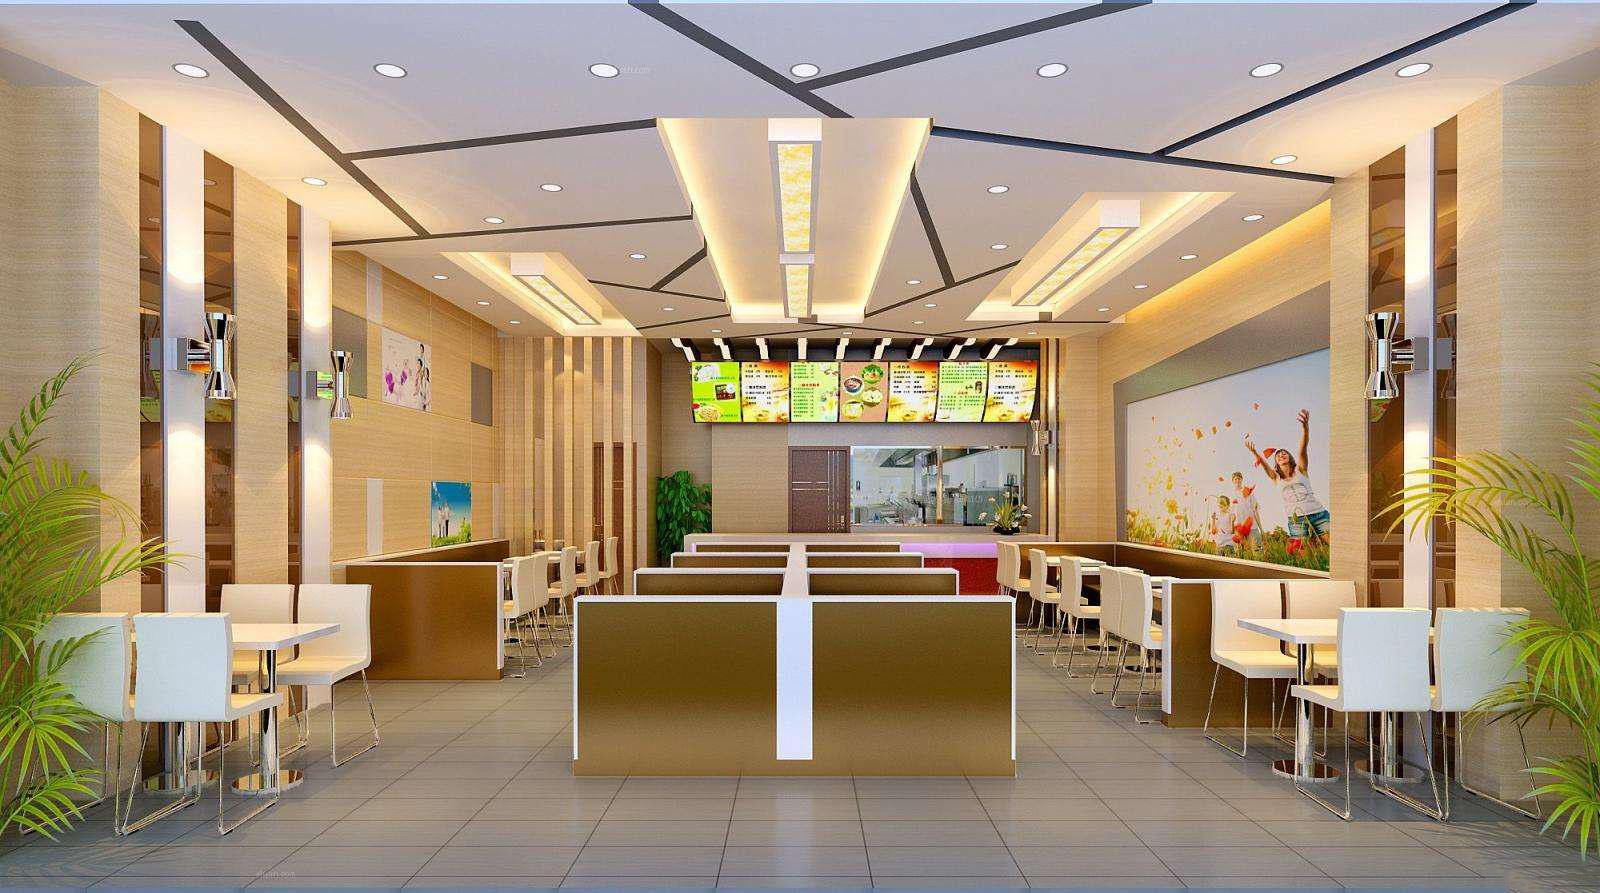 餐厅门面外墙装修效果图大全,快餐厅门面装修效果图